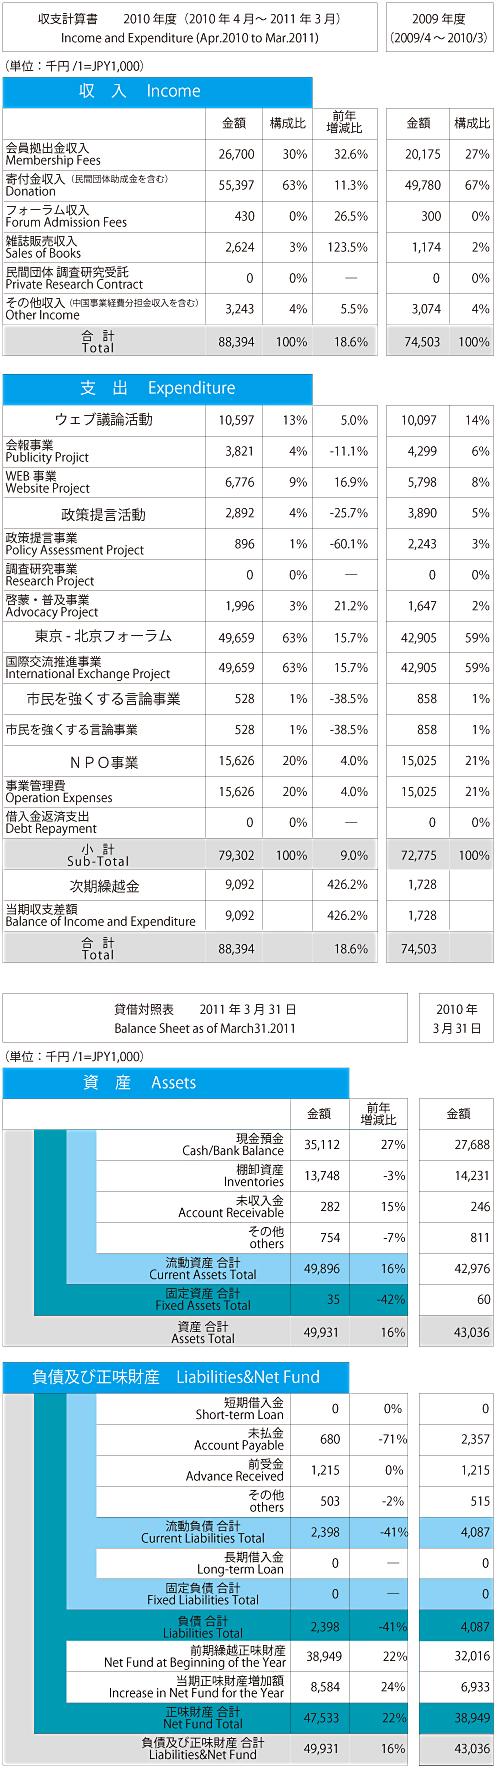 平成22年度 収支計算書/貸借対照表